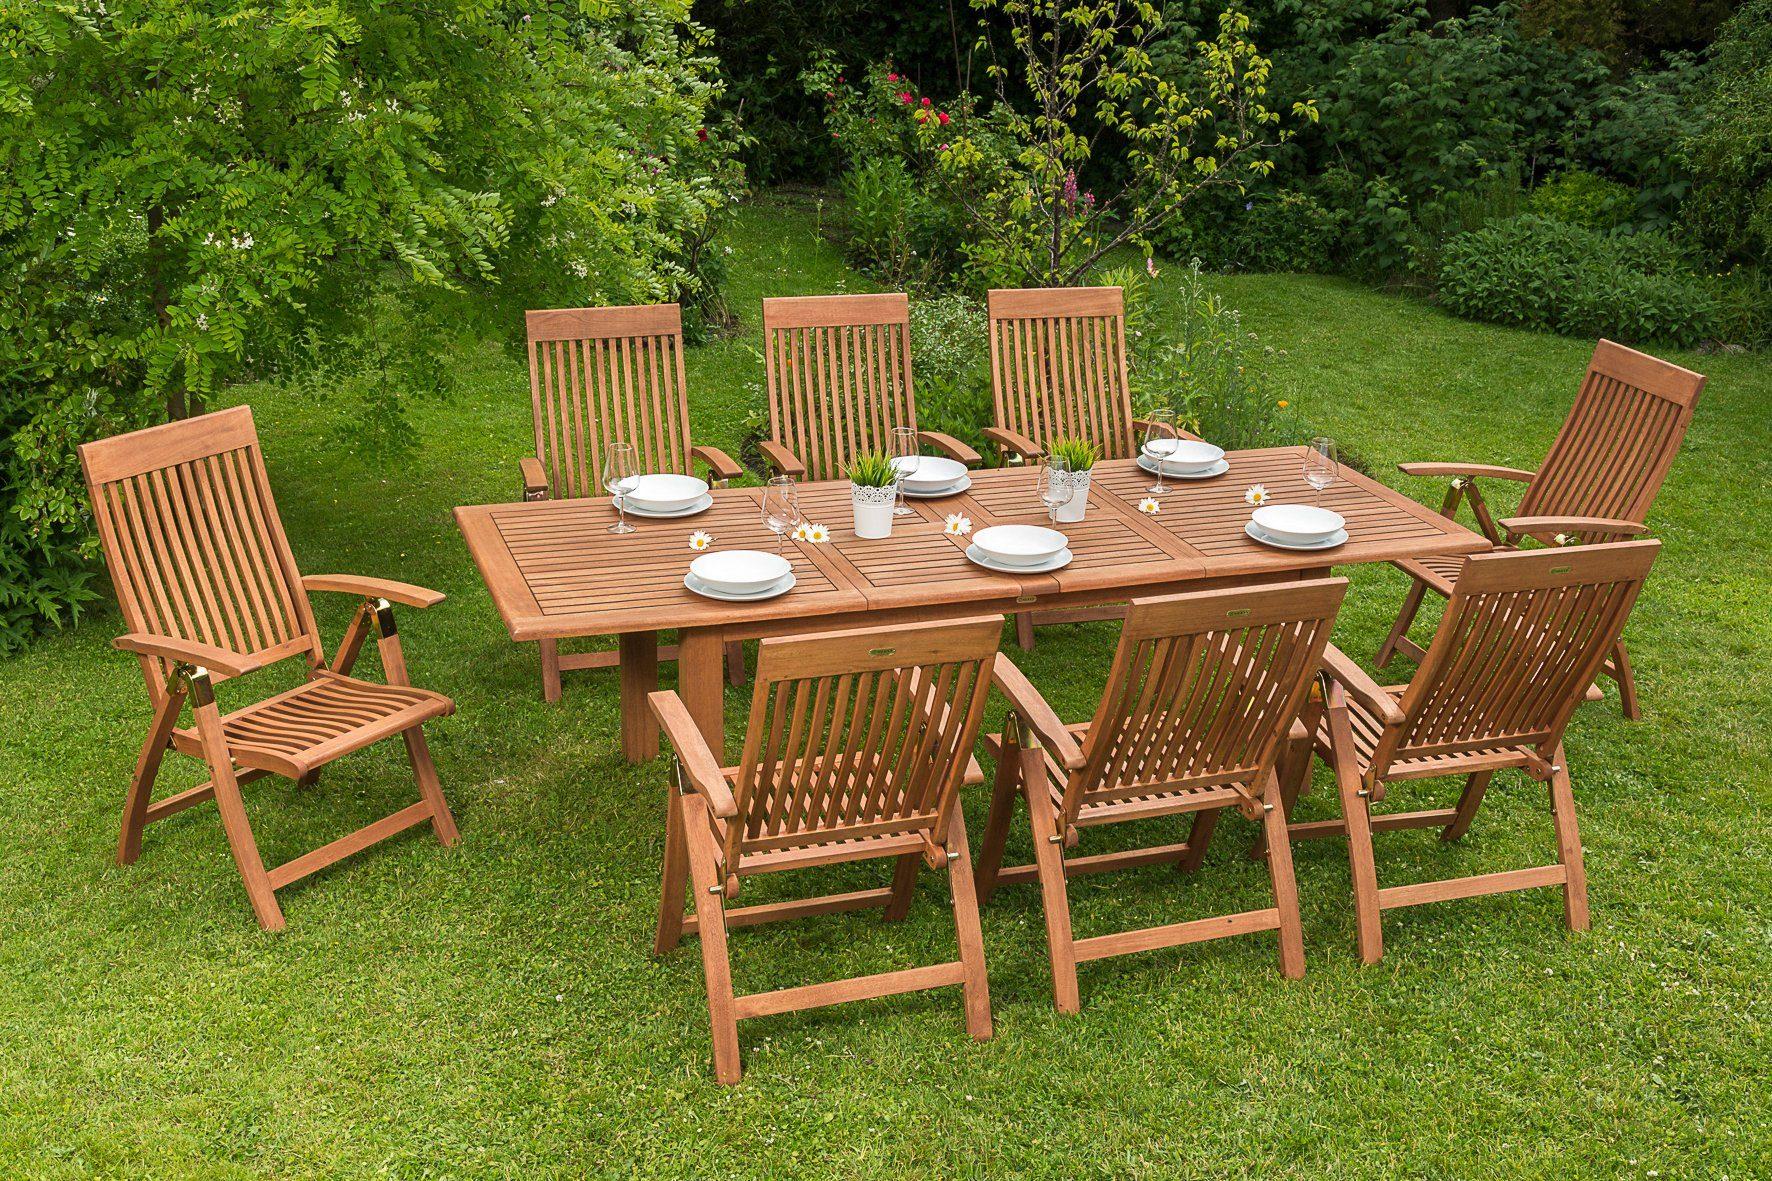 MERXX Gartenmöbelset »Commodoro«, 9tlg., 8 Sessel, Tisch, ausziehbar, klappbar, Eukalyptus